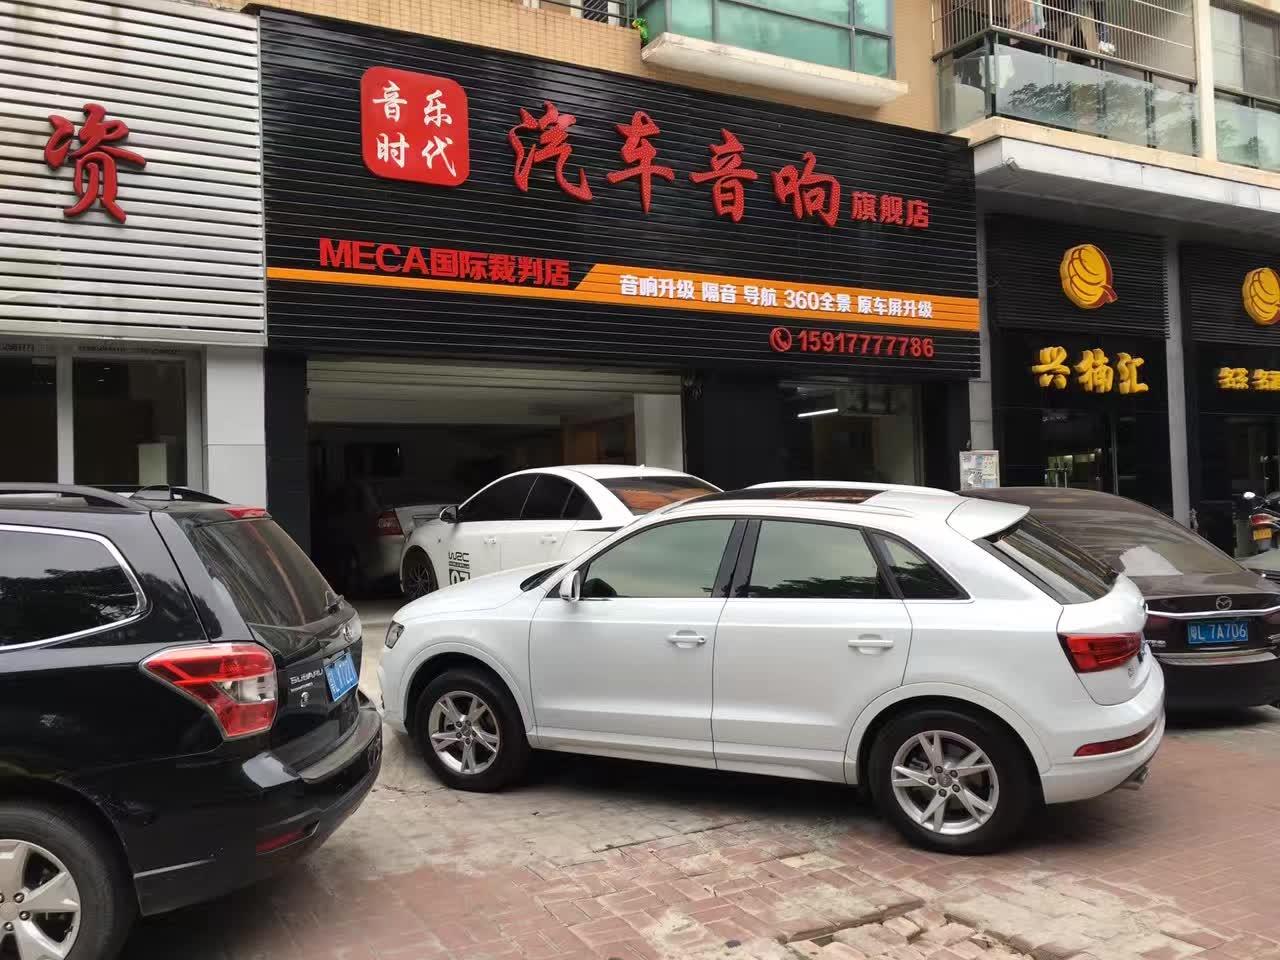 惠州音乐时代汽车音响改装店的营销理念